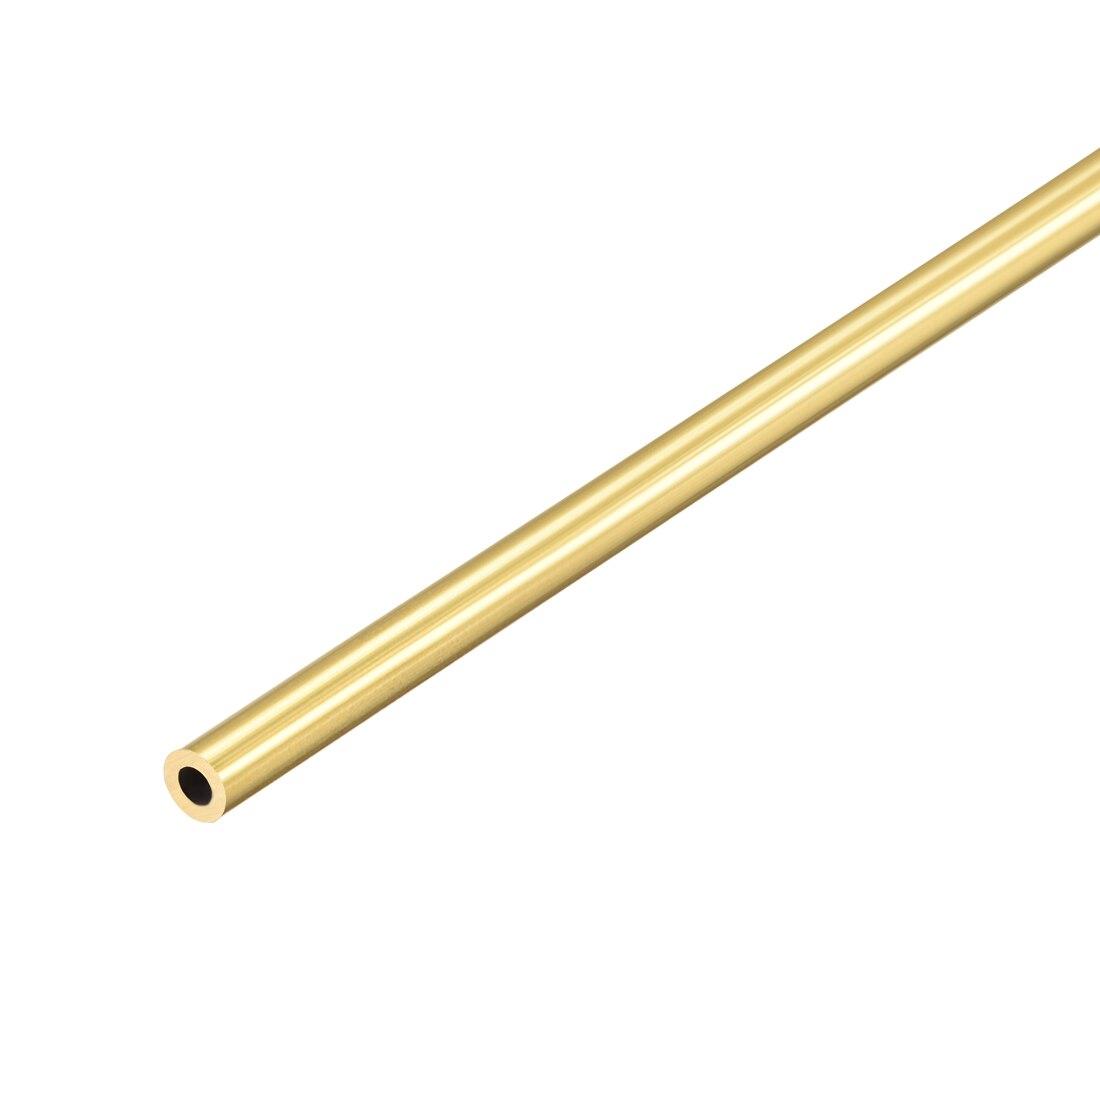 Tubo redondo de latón uxcell 300mm de longitud 1mm de espesor de pared tubo recto sin costura 4,5mm OD 1 Uds